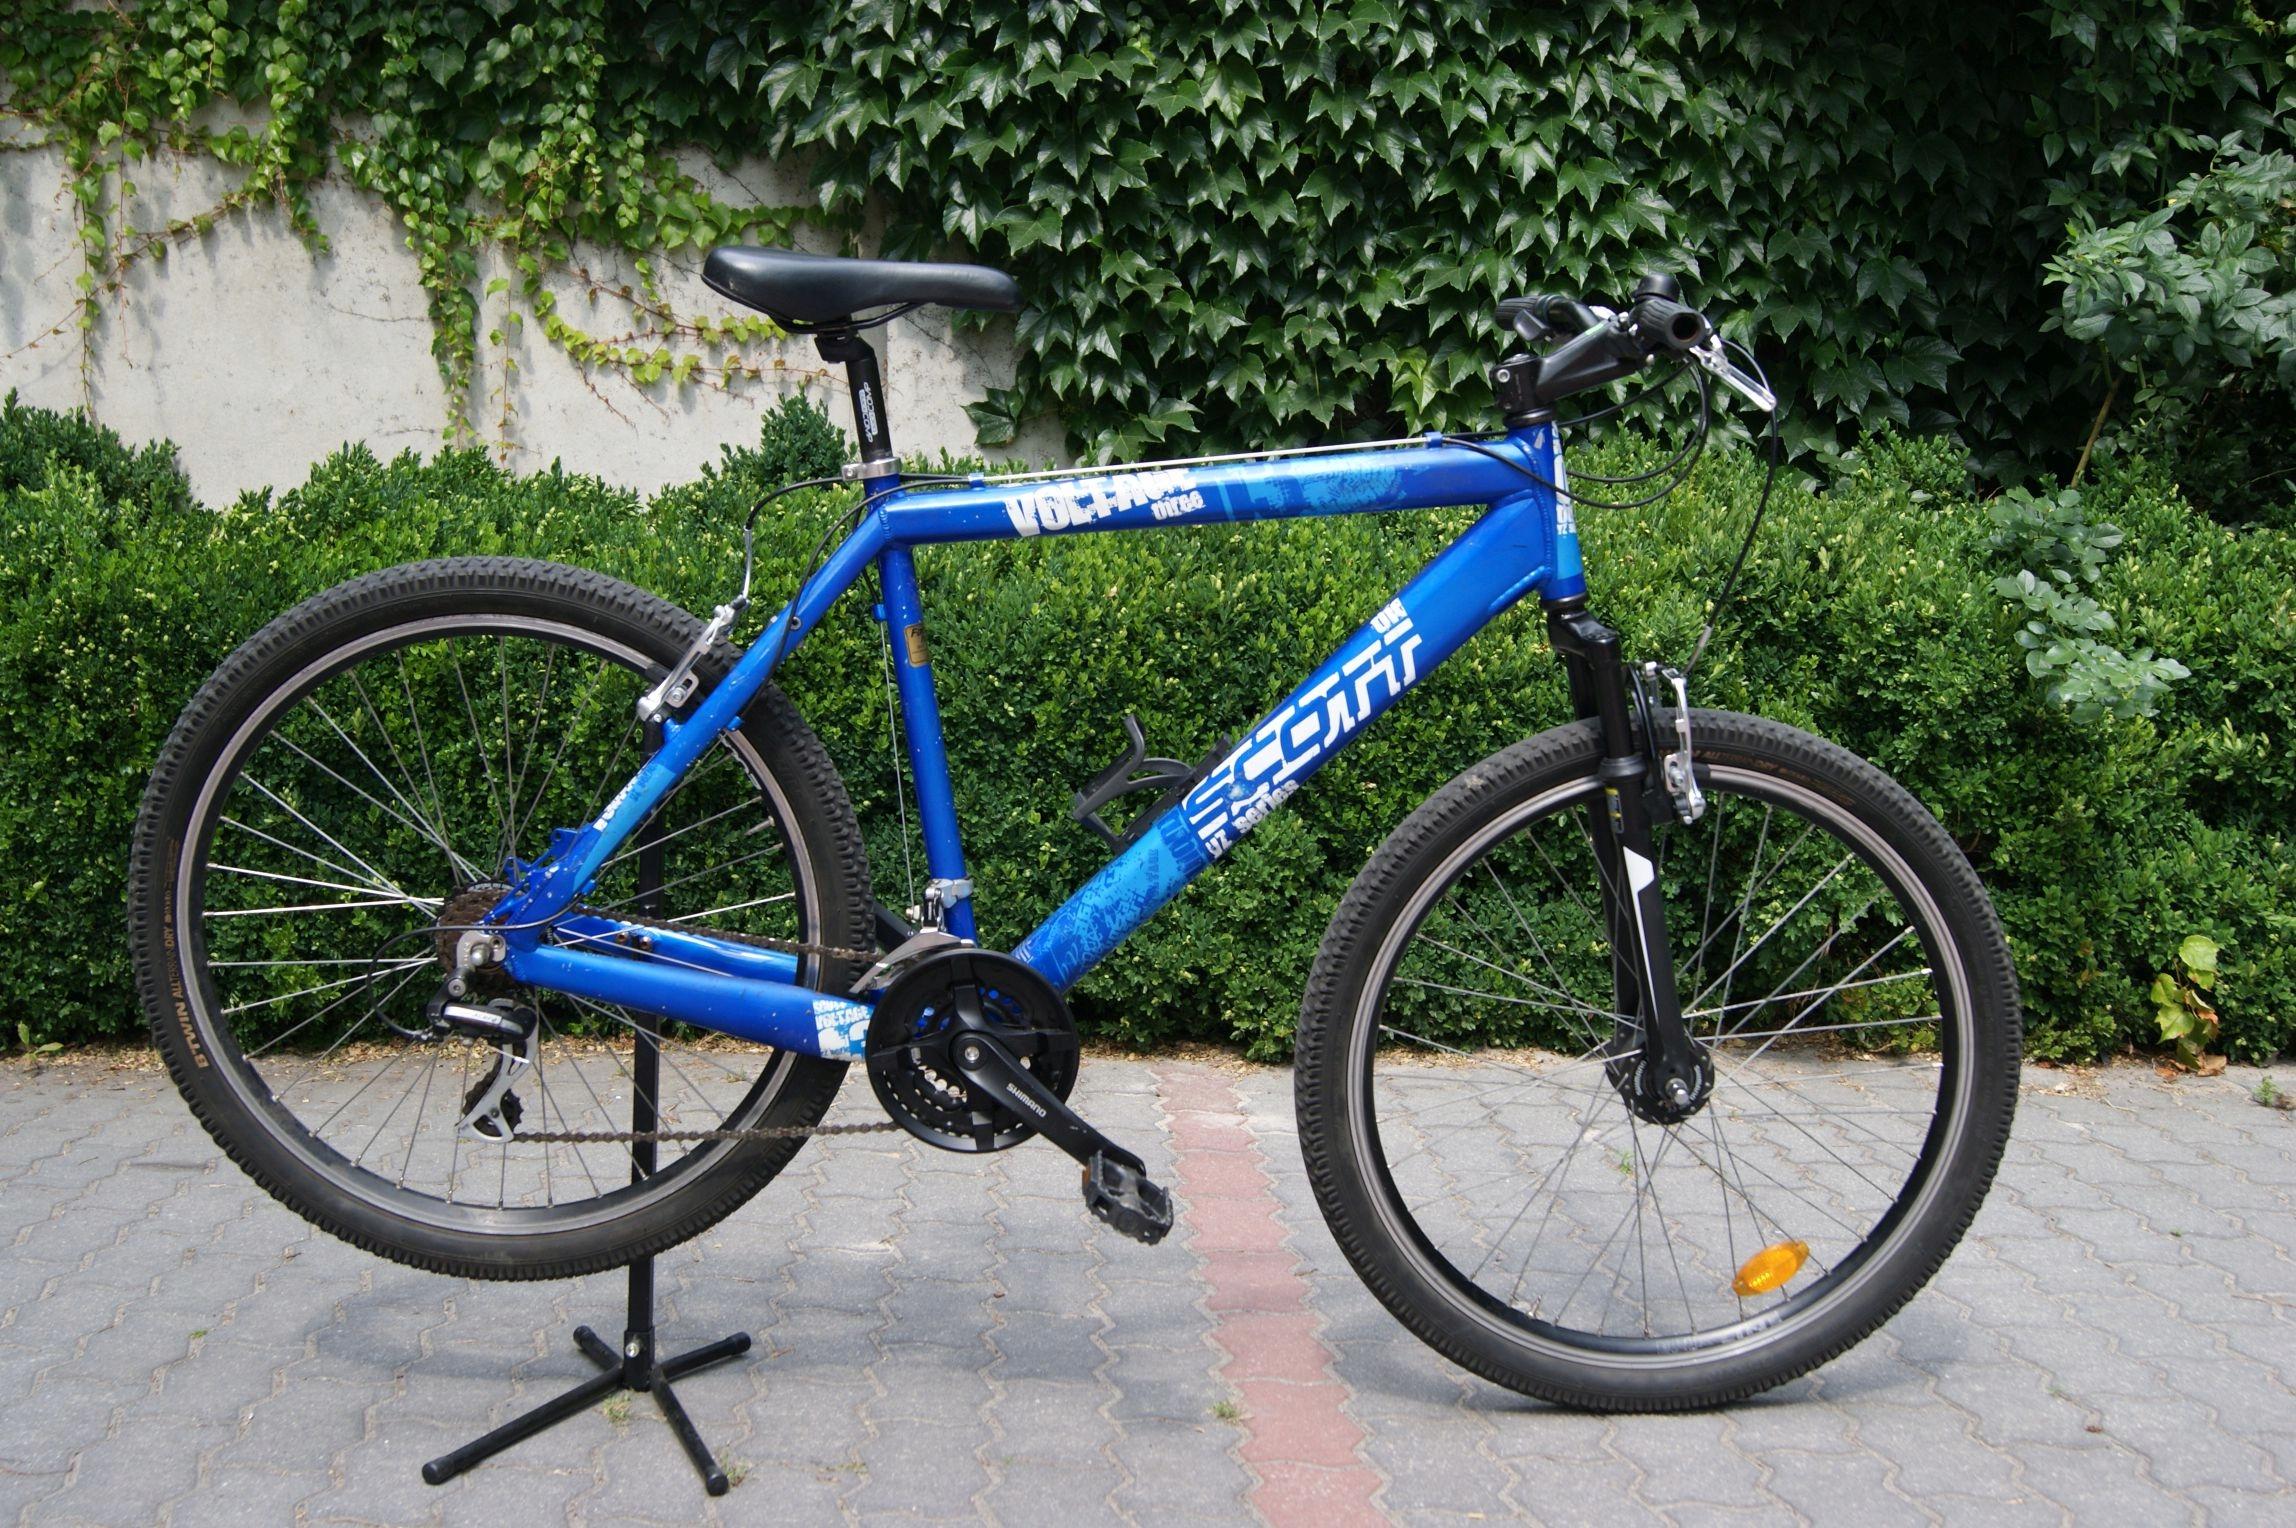 Aluminiowy rower MTB górski SCOTT koła 26''